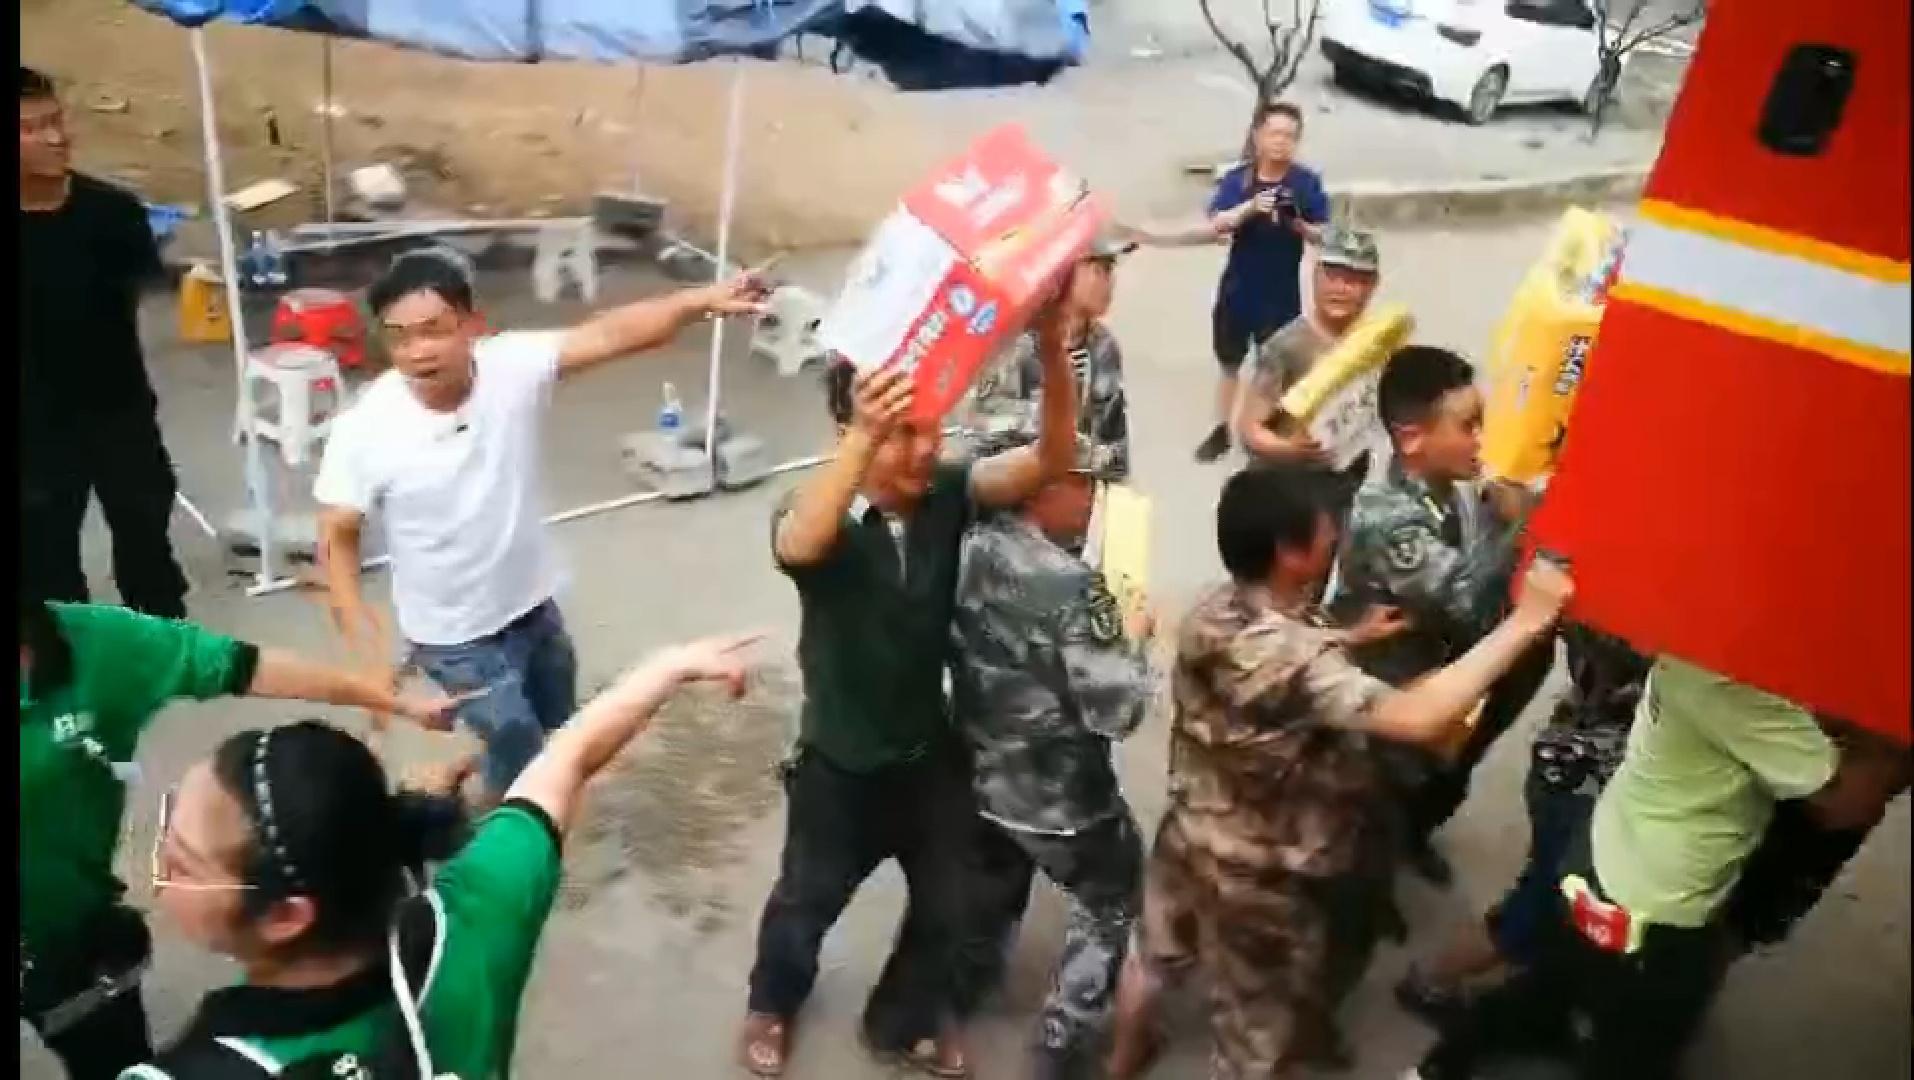 贵州山体滑坡搜救工作结束 群众夹道送别消防员